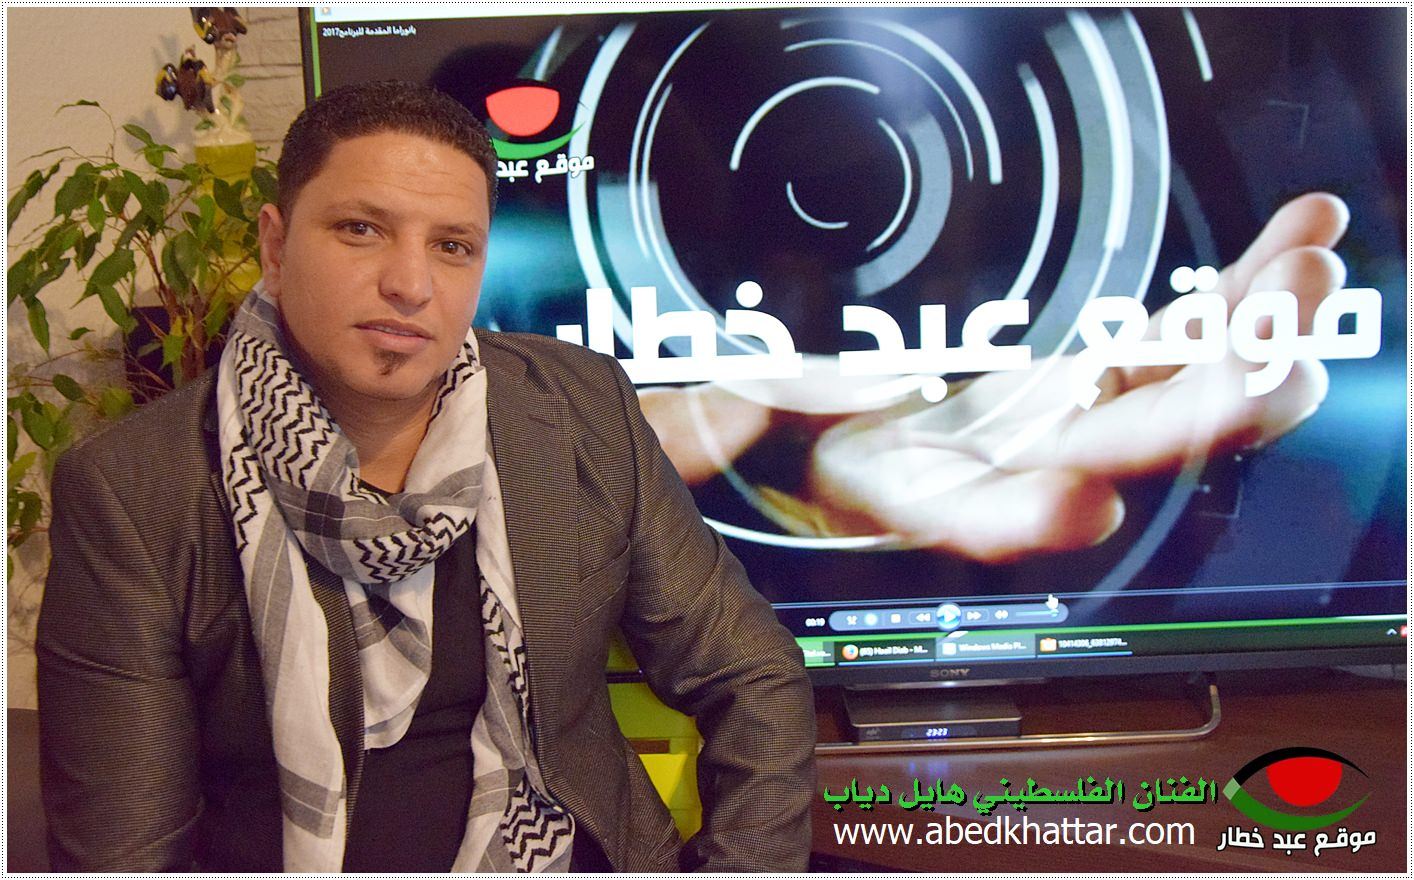 الفنان الفلسطيني هايل دياب ابن مخيم اليرموك